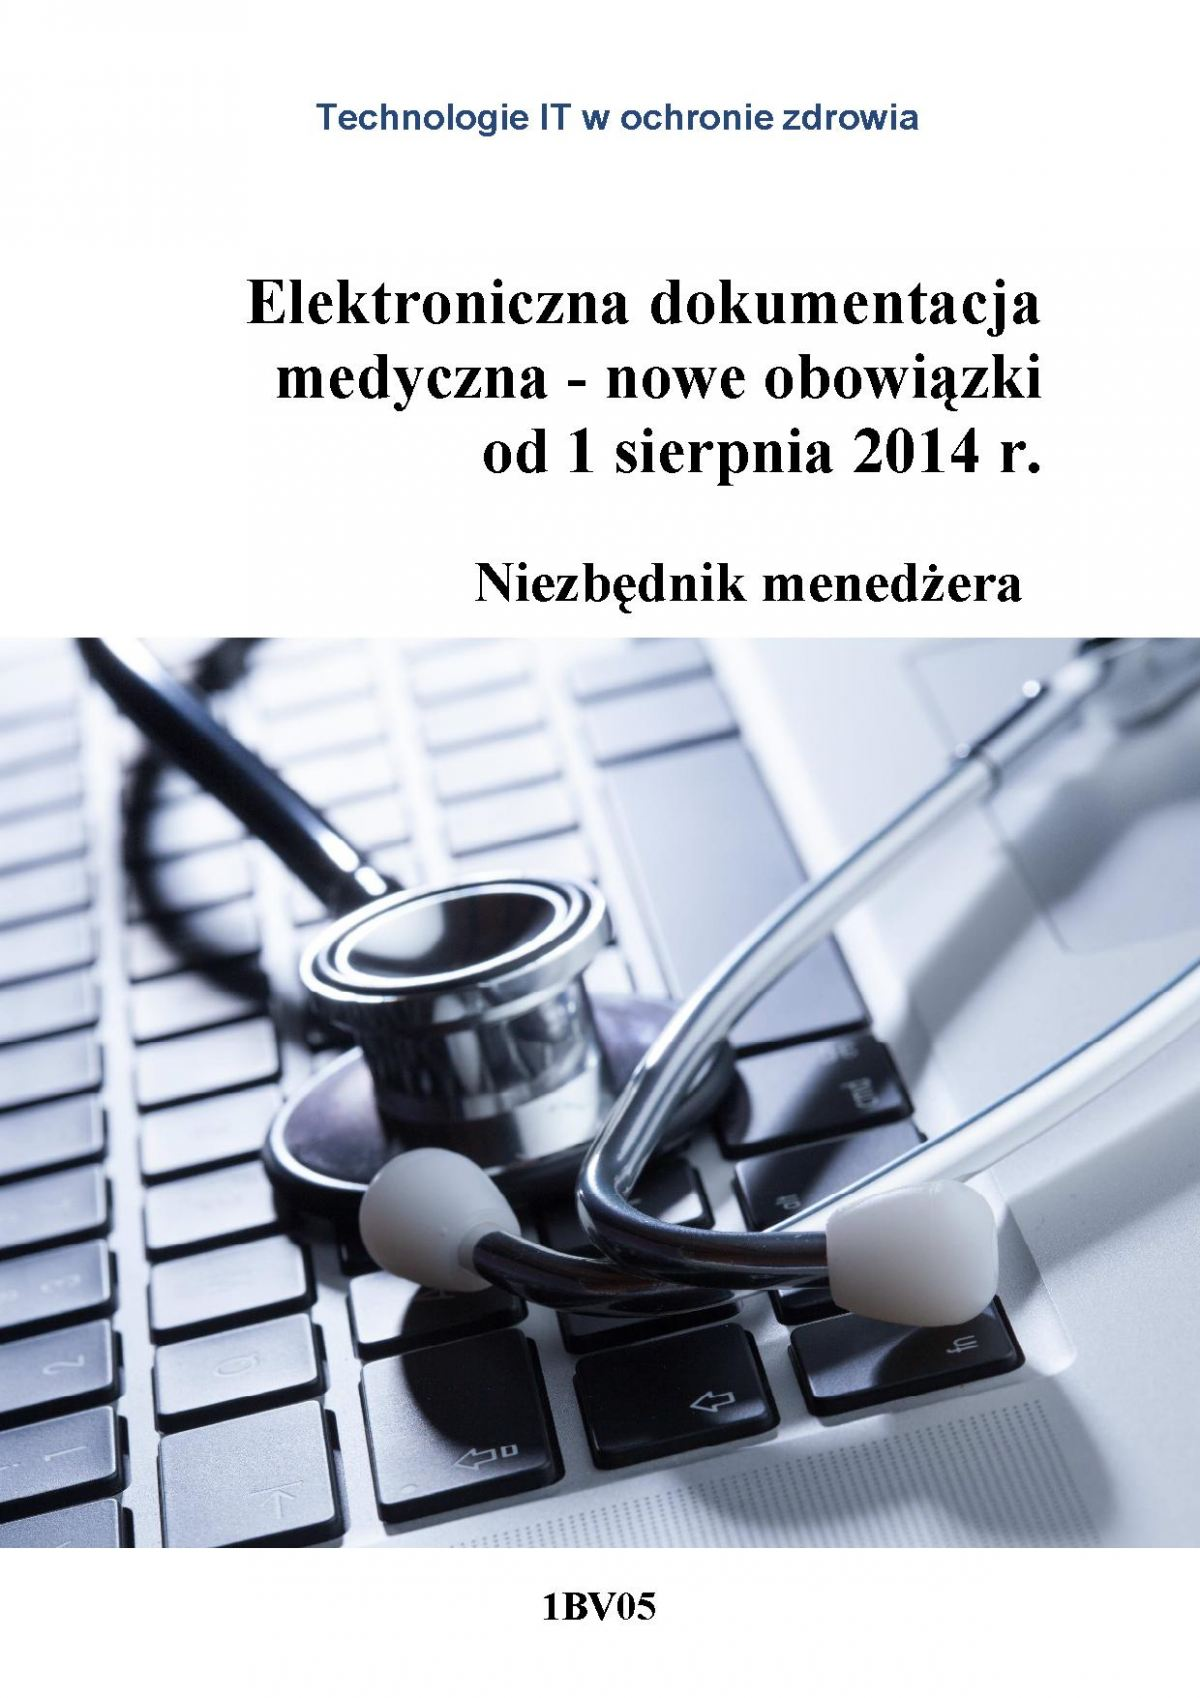 Elektroniczna dokumentacja medyczna - nowe obowiązki od 1 sierpnia 2014 r. Niezbędnik menedżera - Ebook (Książka PDF) do pobrania w formacie PDF